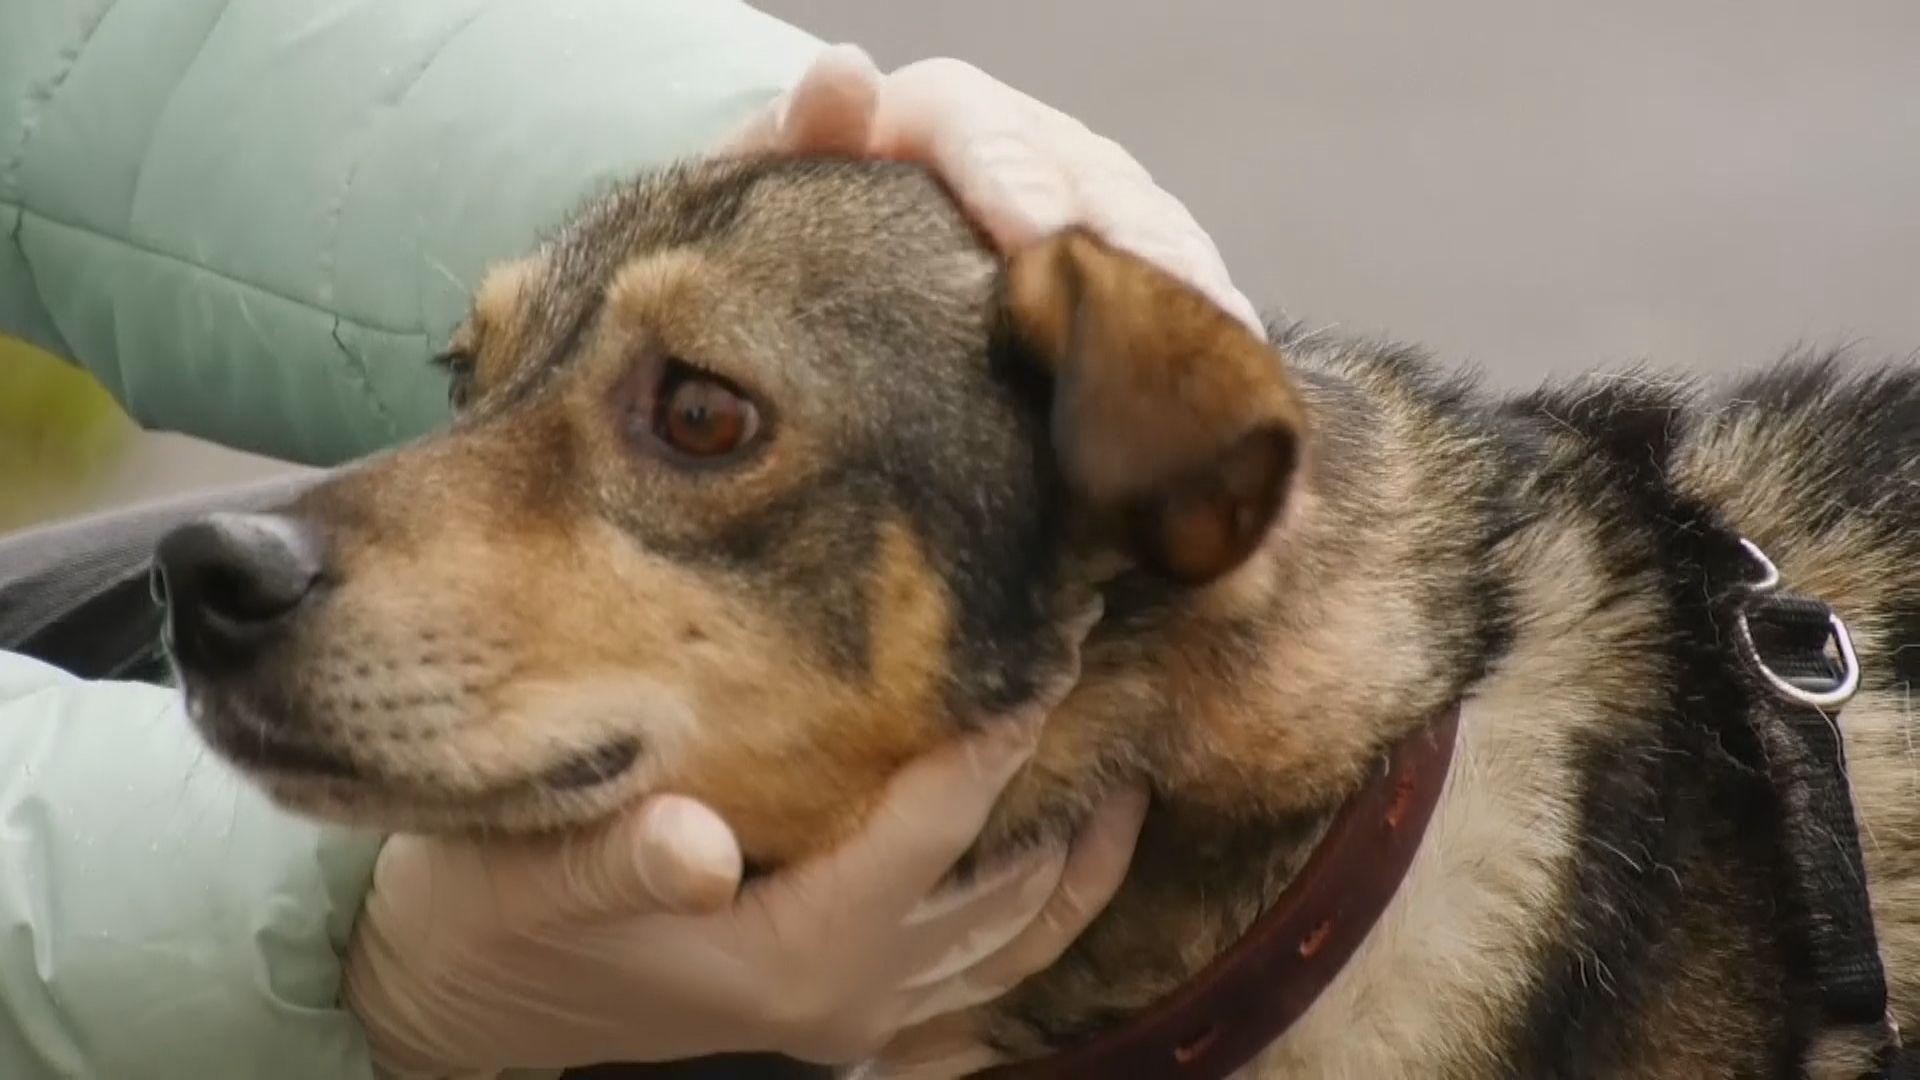 【環球薈報】研究指狗隻或不能分辨讀音相近單字